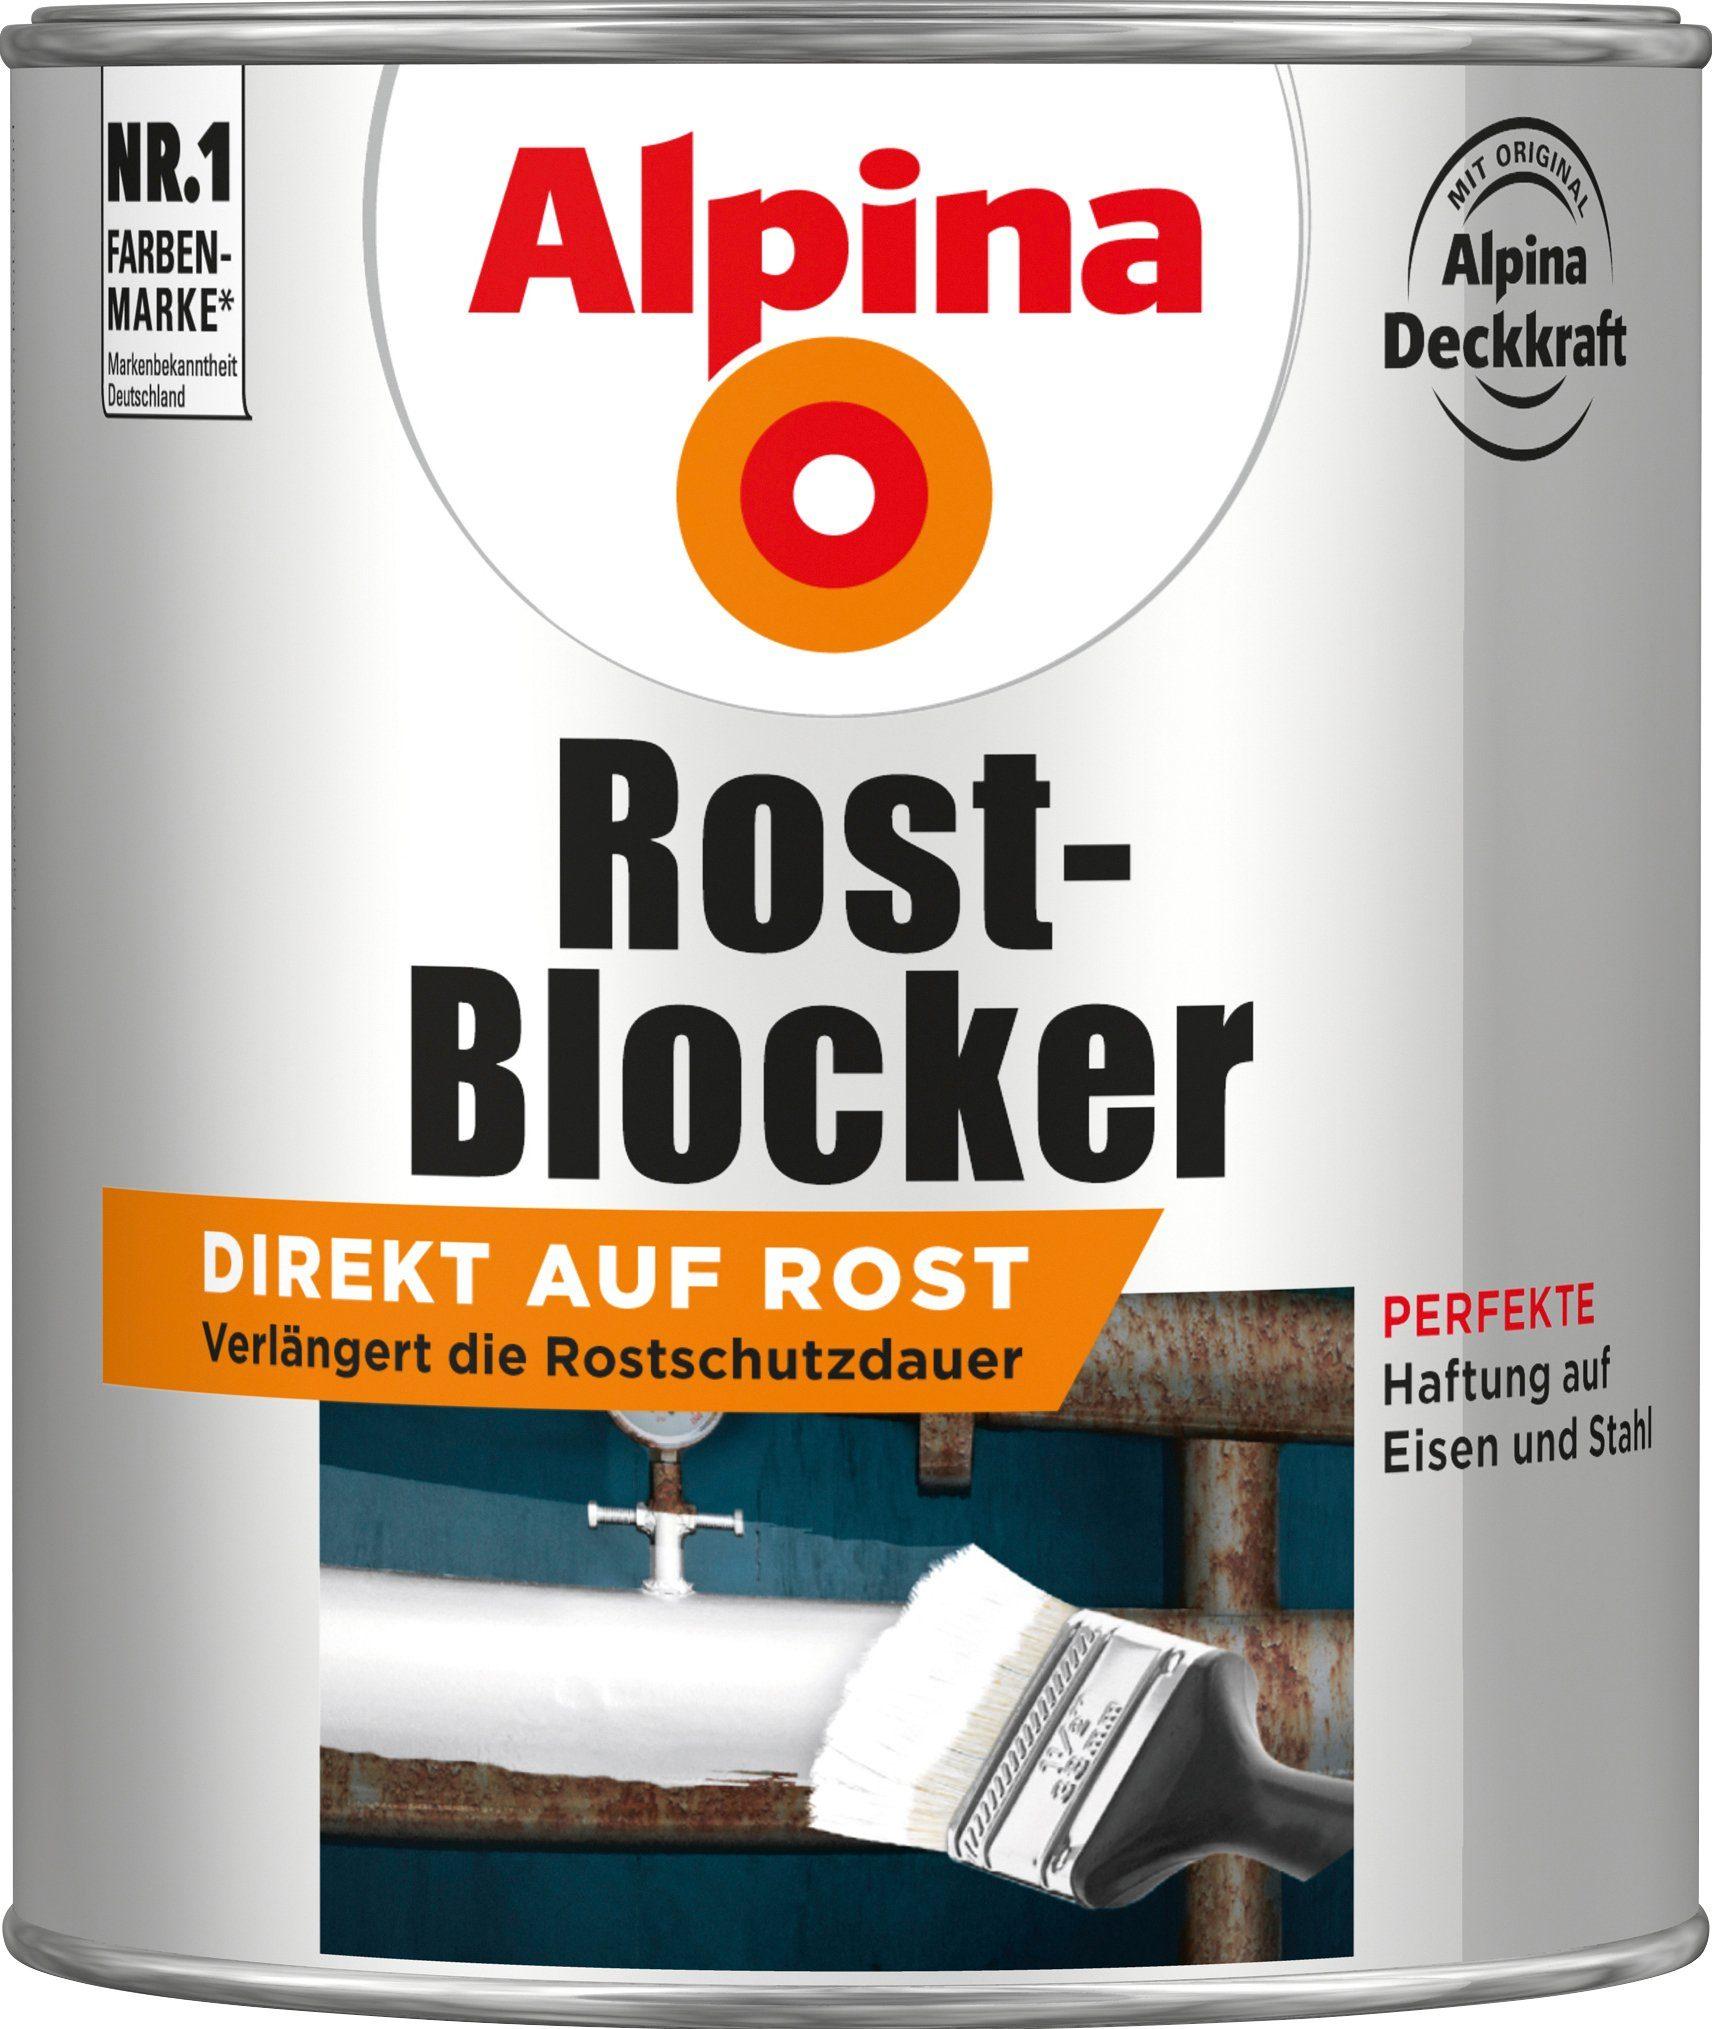 ALPINA Rostblocker »Rost-Blocker«, grau, 750 ml